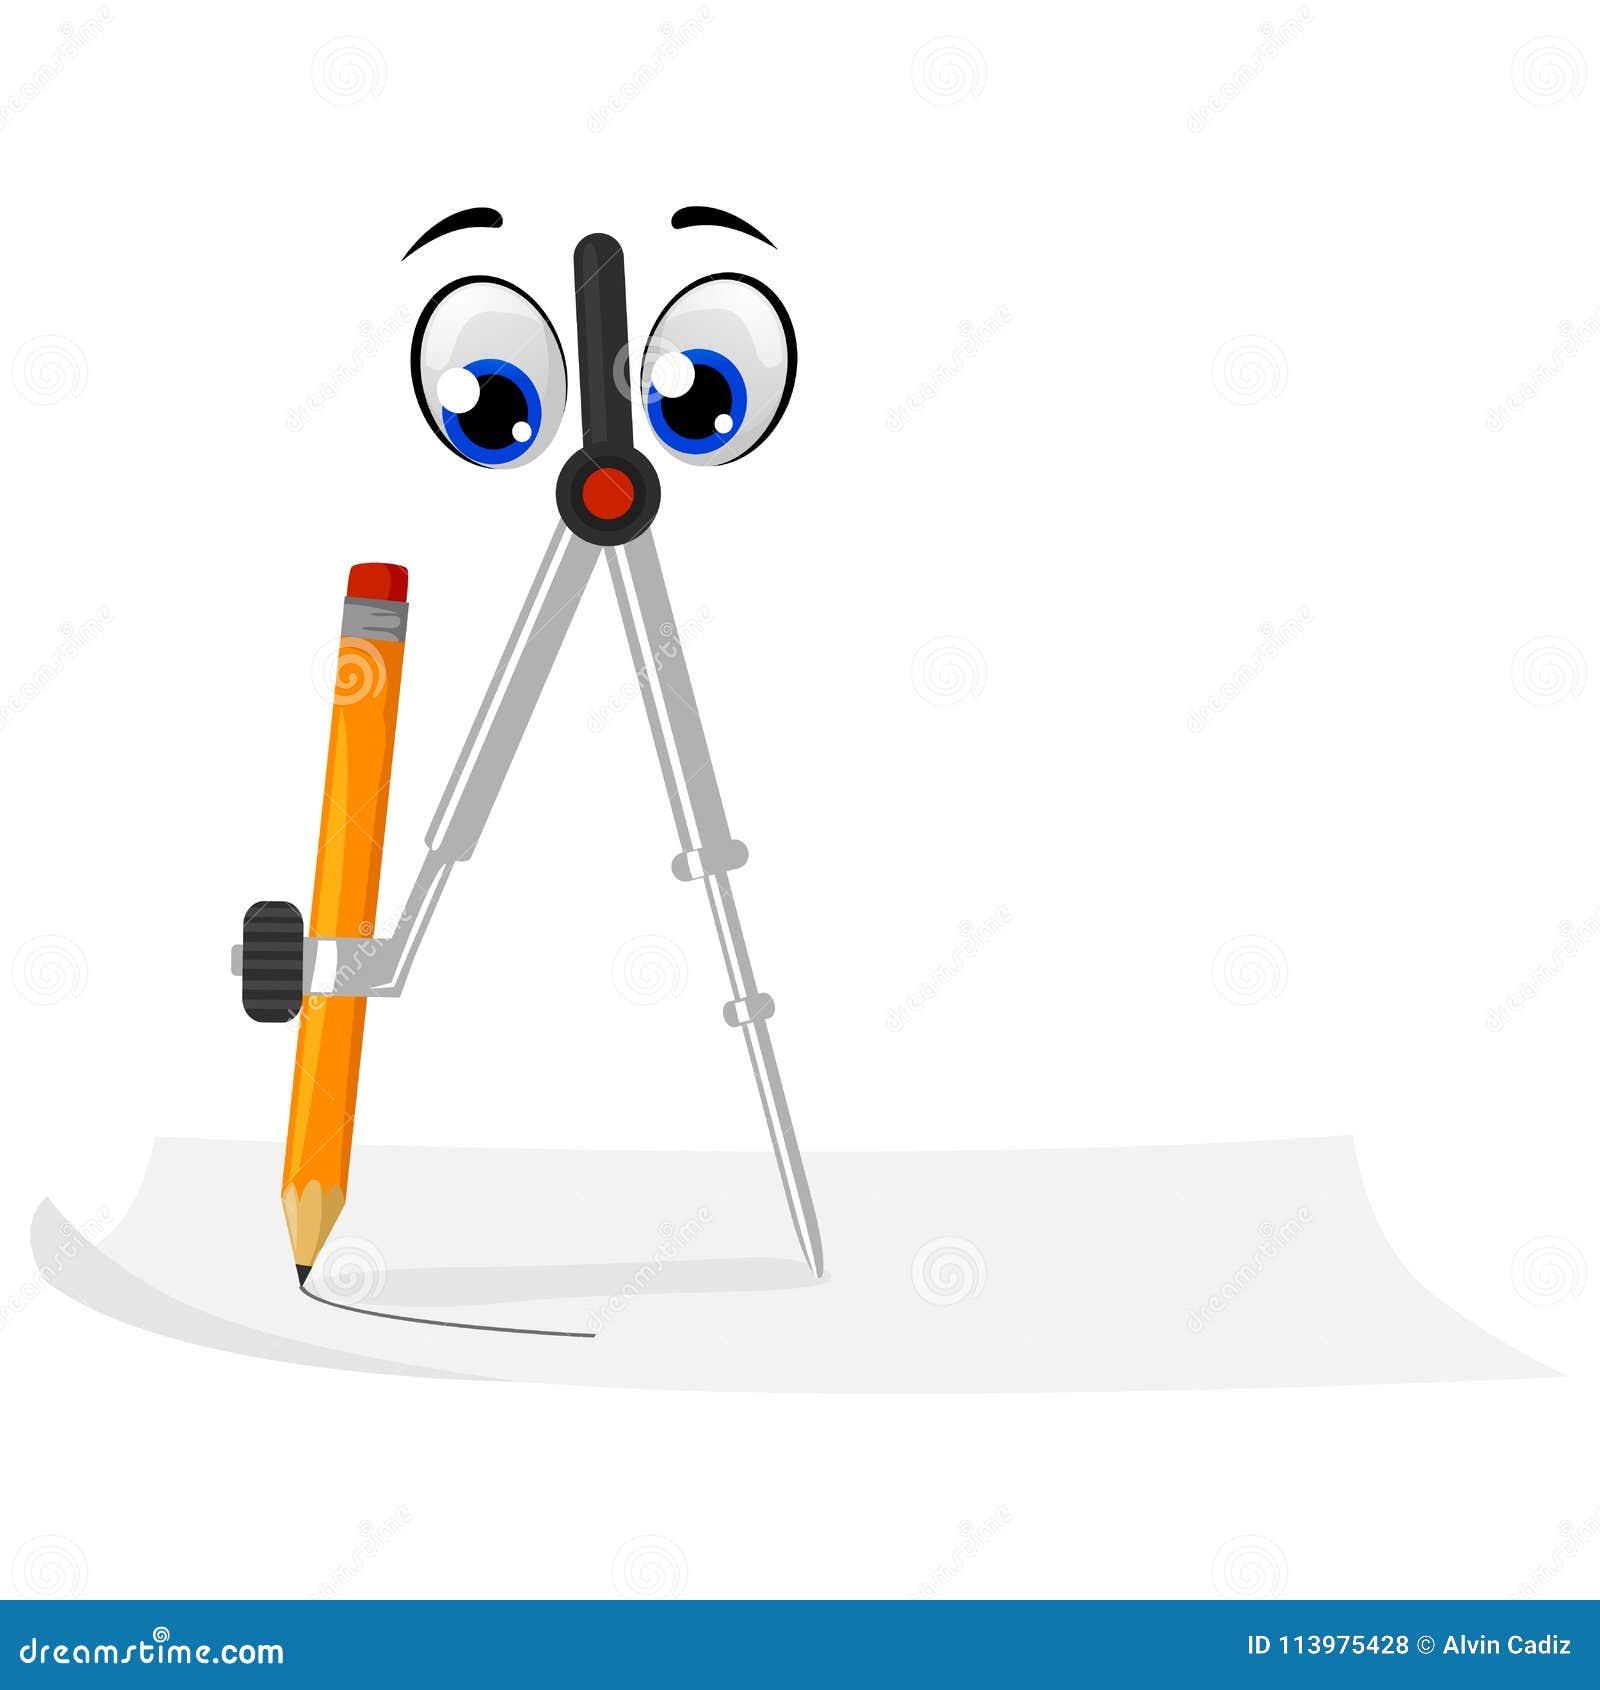 Kompass Maskottchen Mit Bleistift Zeichnung Ein Kreis Vektor